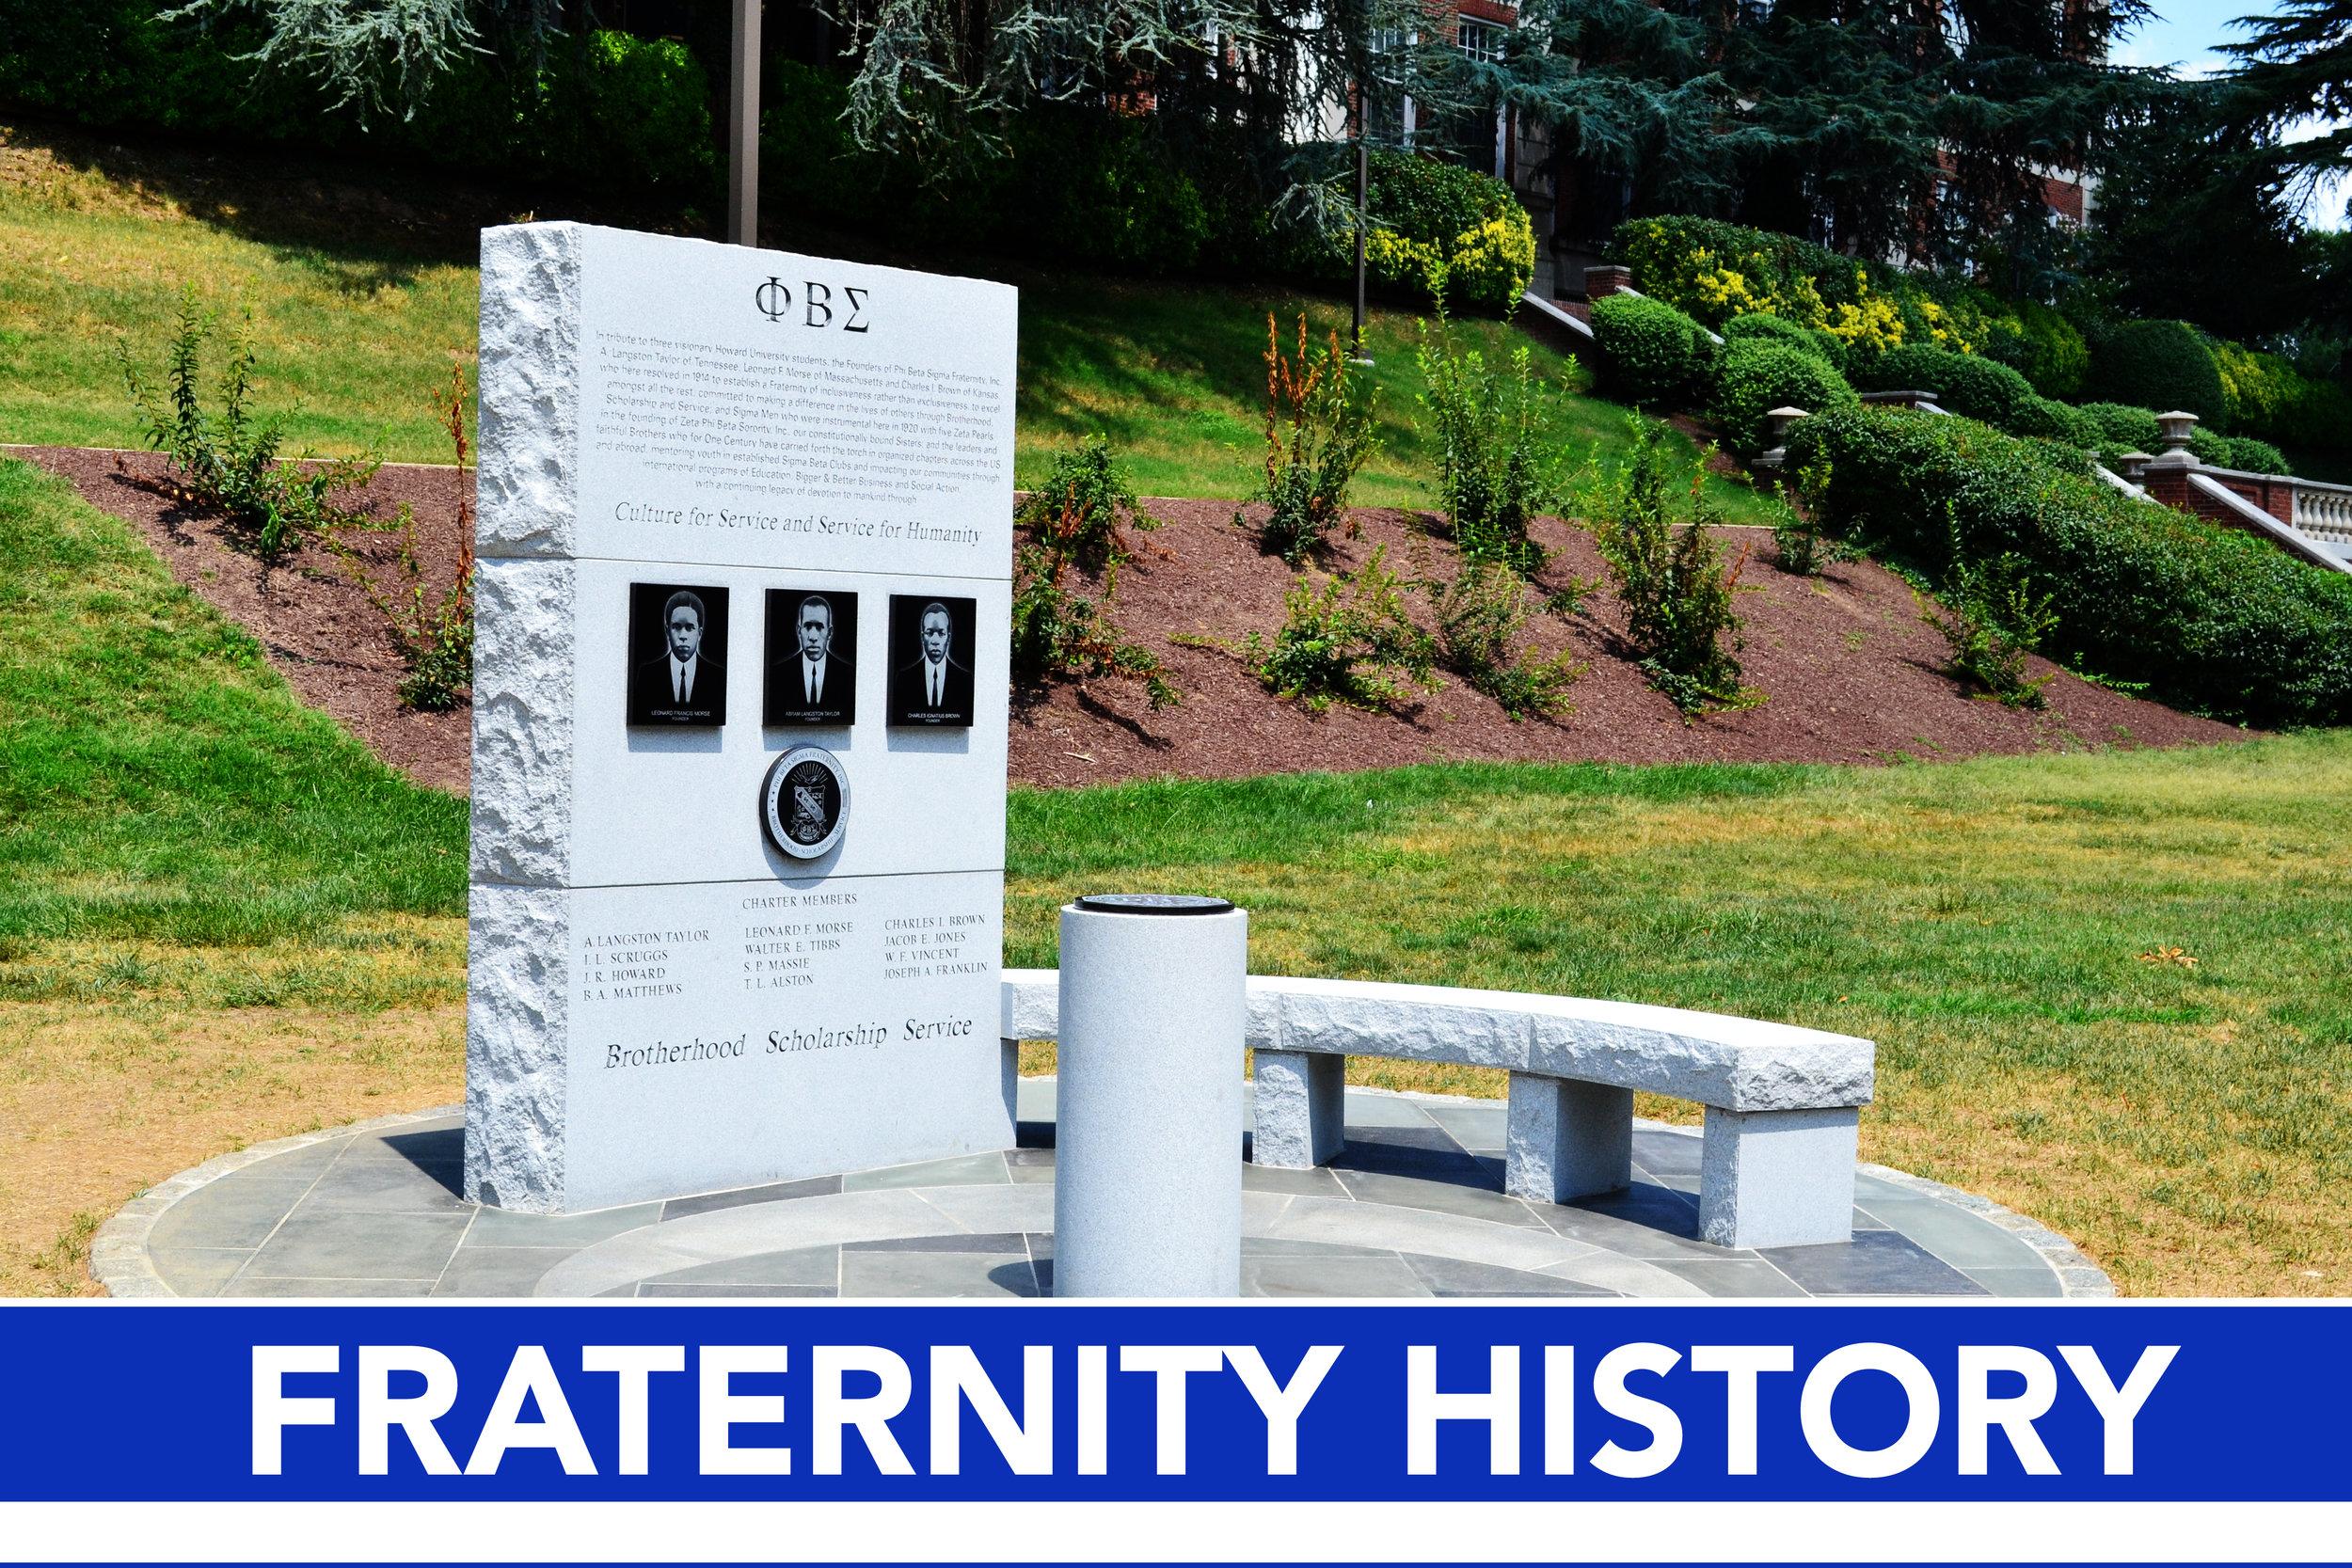 fraternityhistory.jpg